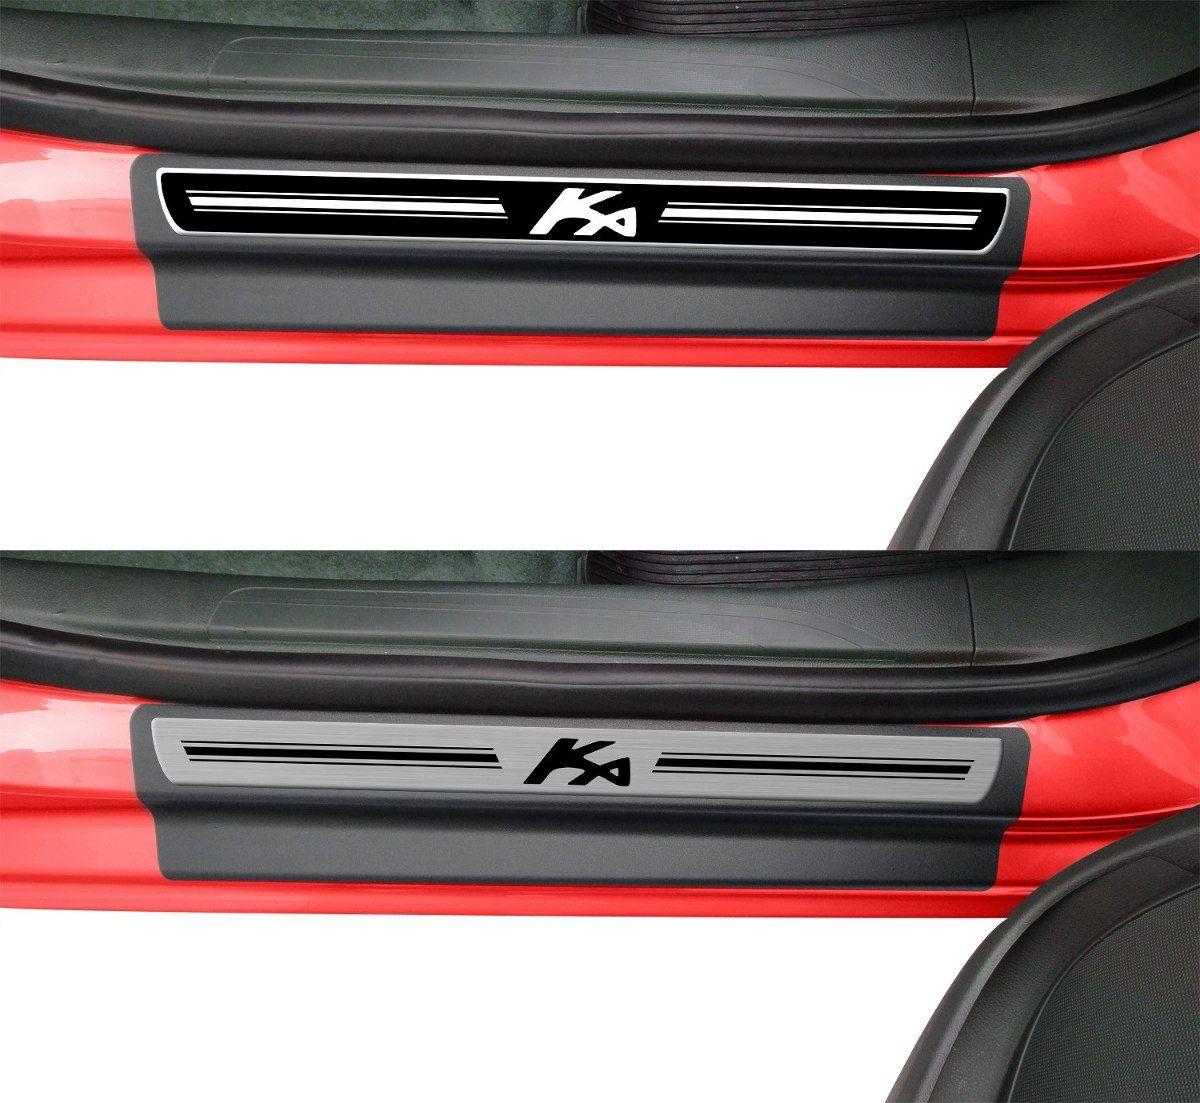 Jogo Soleira Premium Elegance Ford KA 2015 - 2020 - 4 Portas - Vinil + Resinada 8 Peças